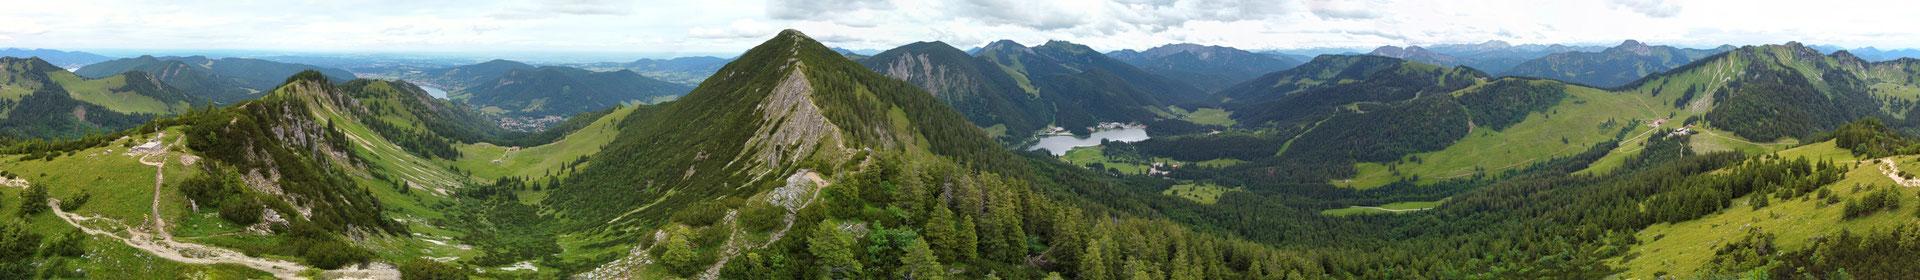 Panorama - Drohnenfoto - Landschaft - Bayern - Berge - See - Alpen - Sommer - Ausflug - Wanderung - Brecherspitze 360 Grad